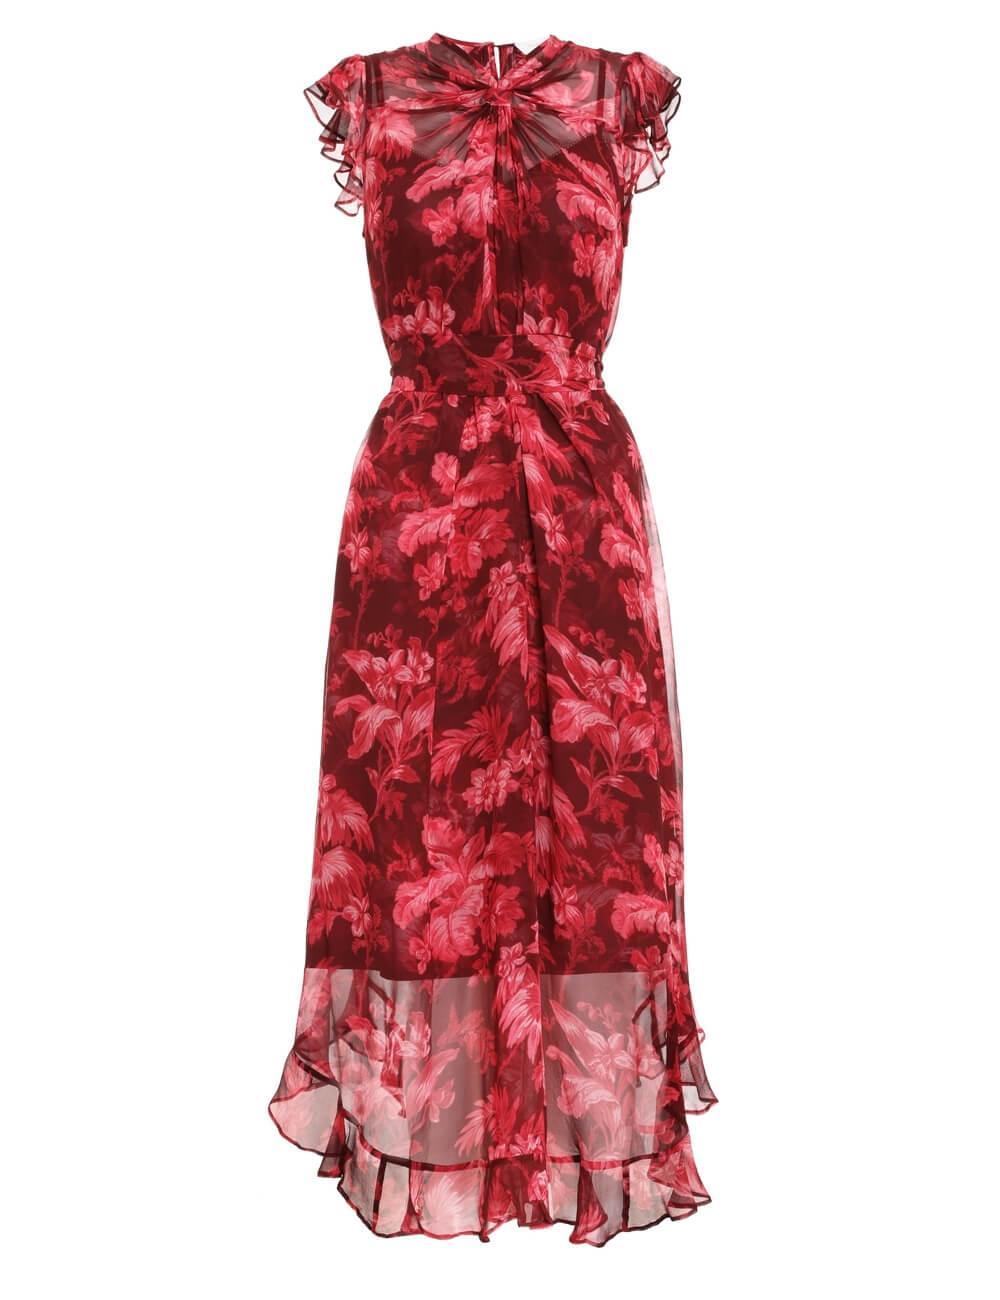 Ladybeetle Flutter Dress